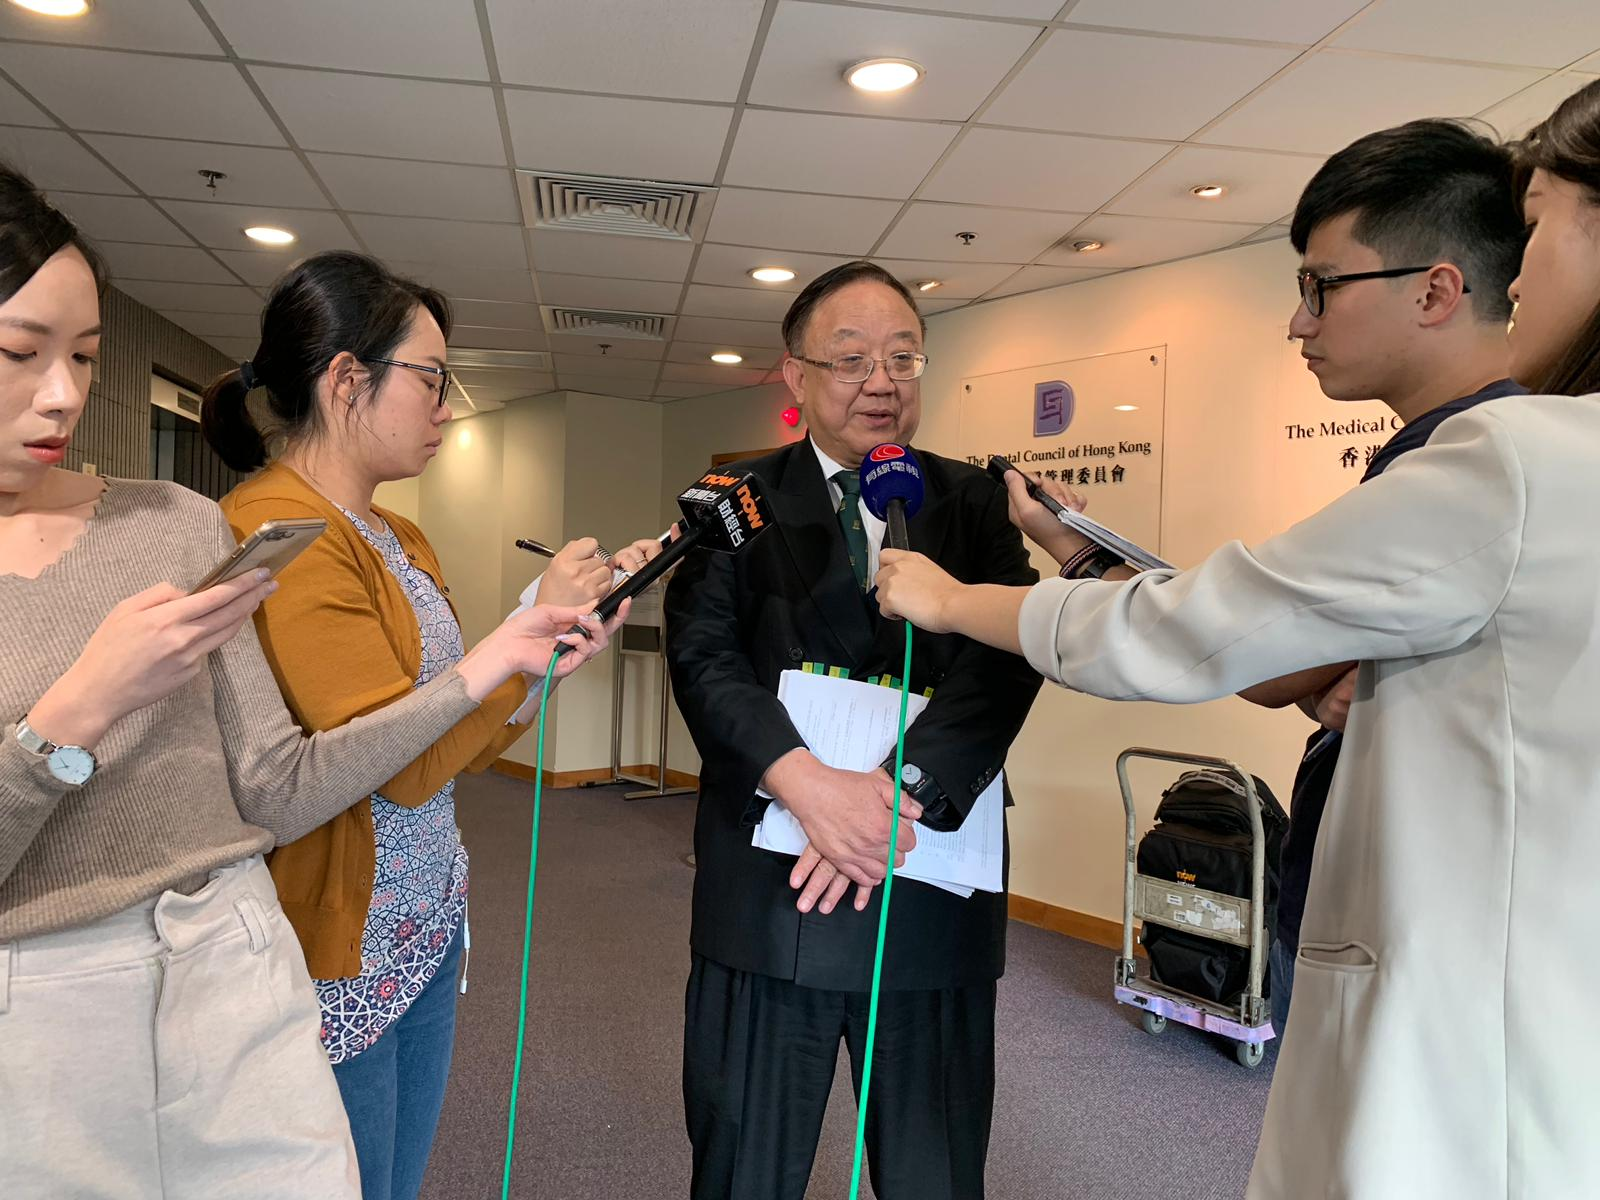 主席劉允怡會後會見傳媒表示,自己已盡力,對結果感可惜。